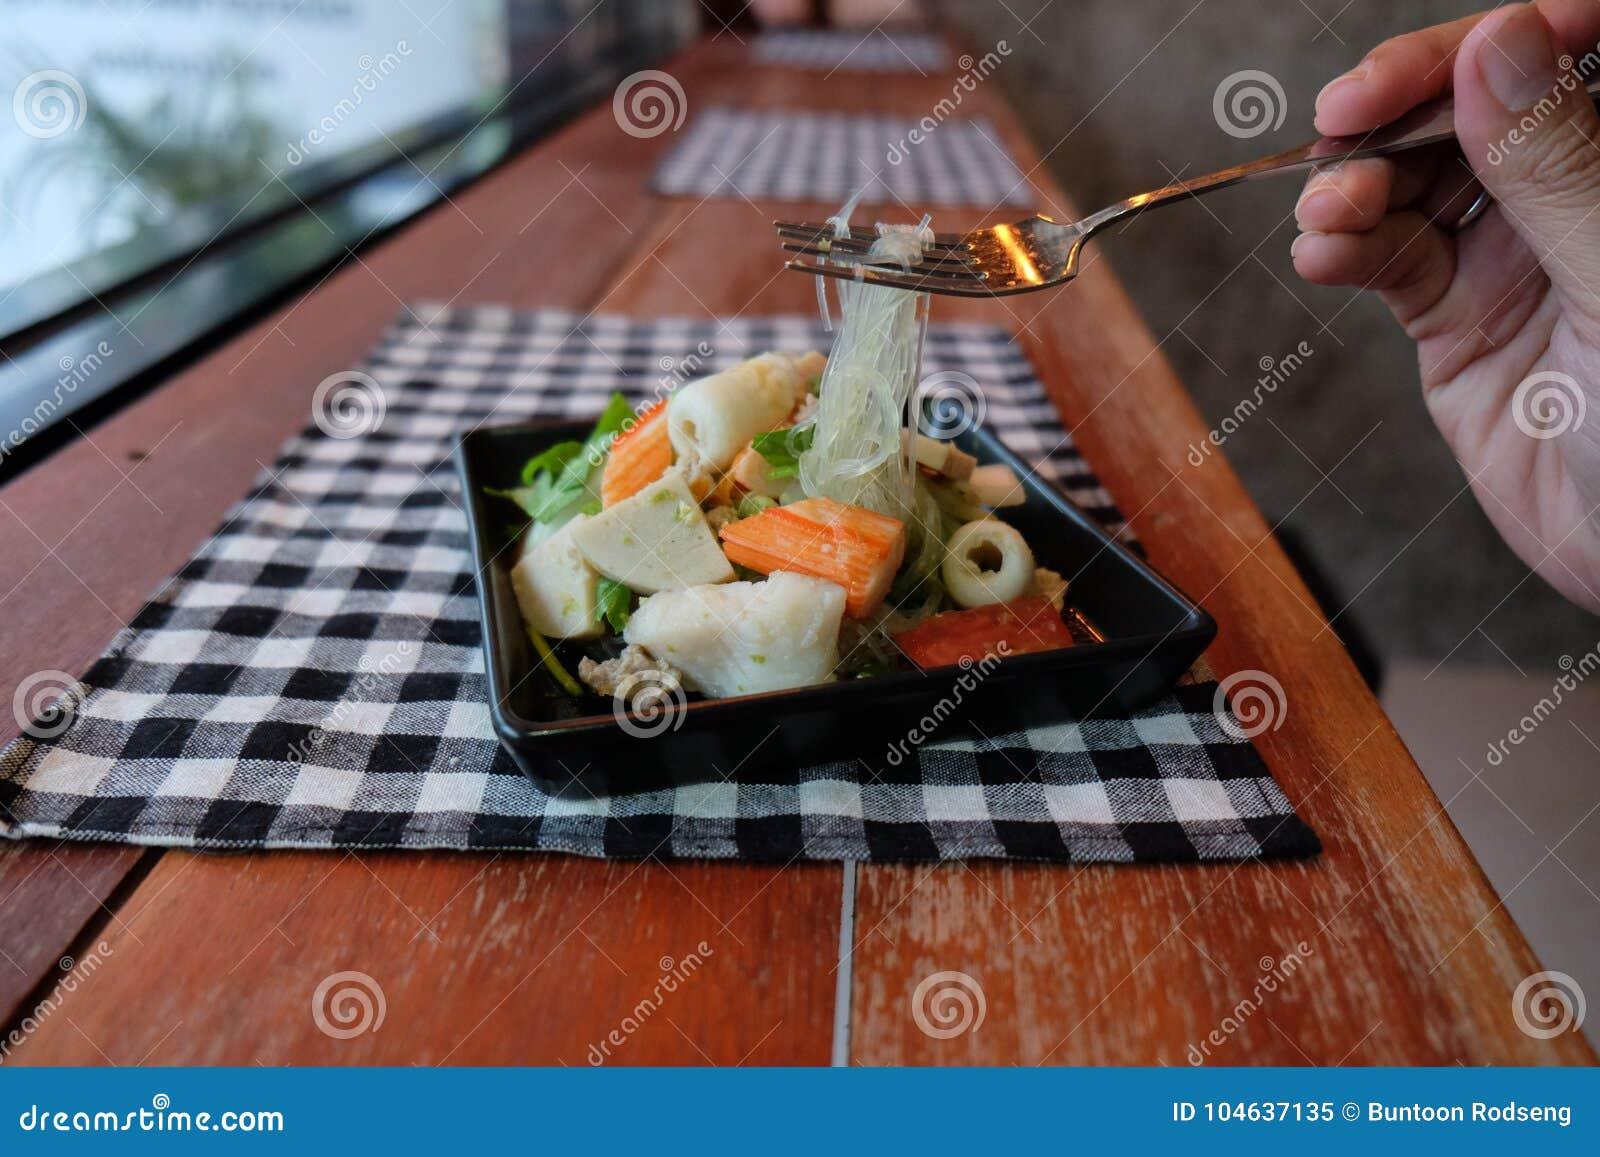 Download Thaise zure salade stock afbeelding. Afbeelding bestaande uit fusie - 104637135